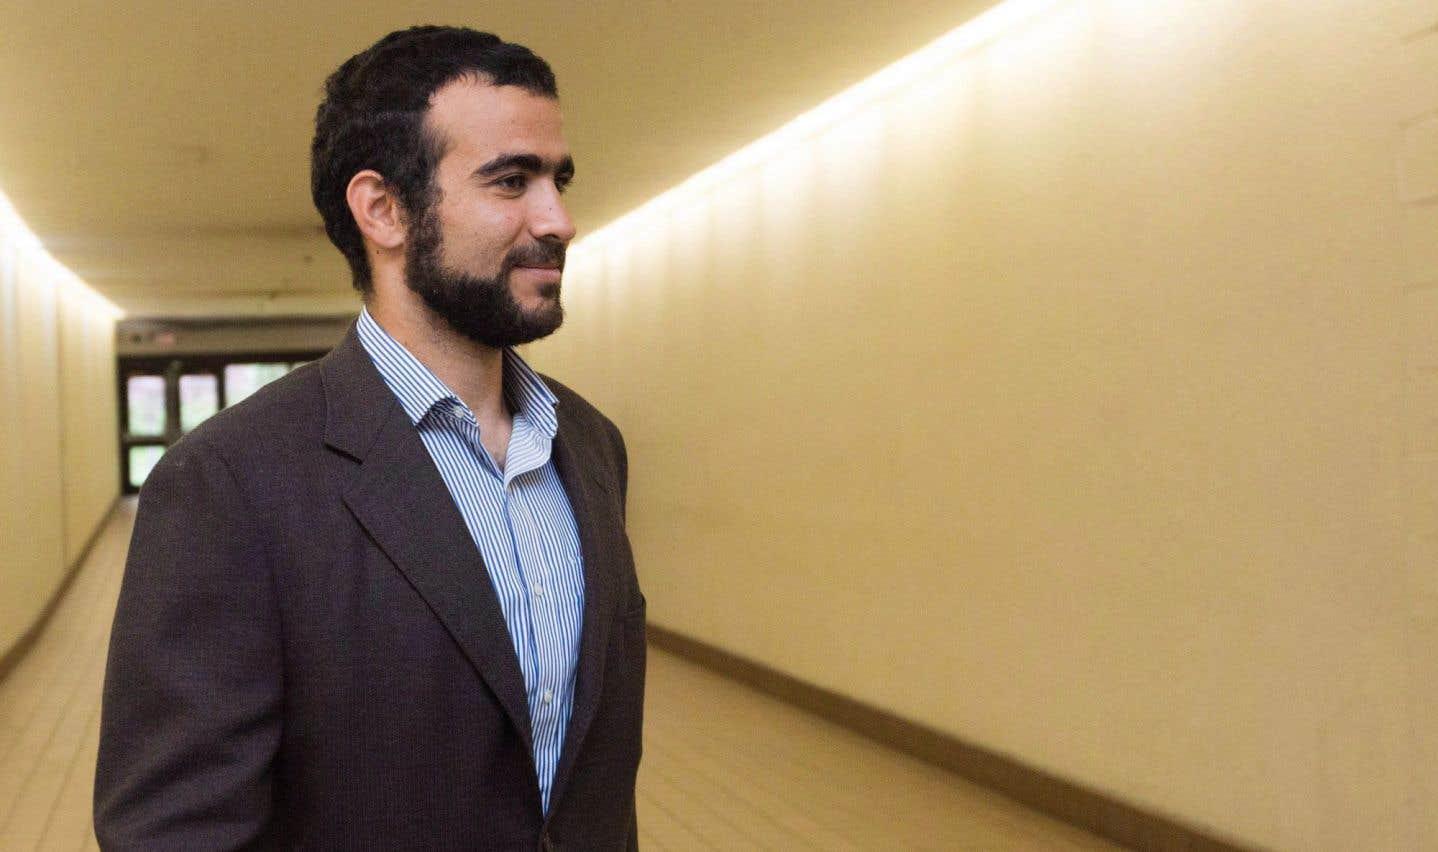 La Cour supérieure refuse de geler les avoirs d'Omar Khadr